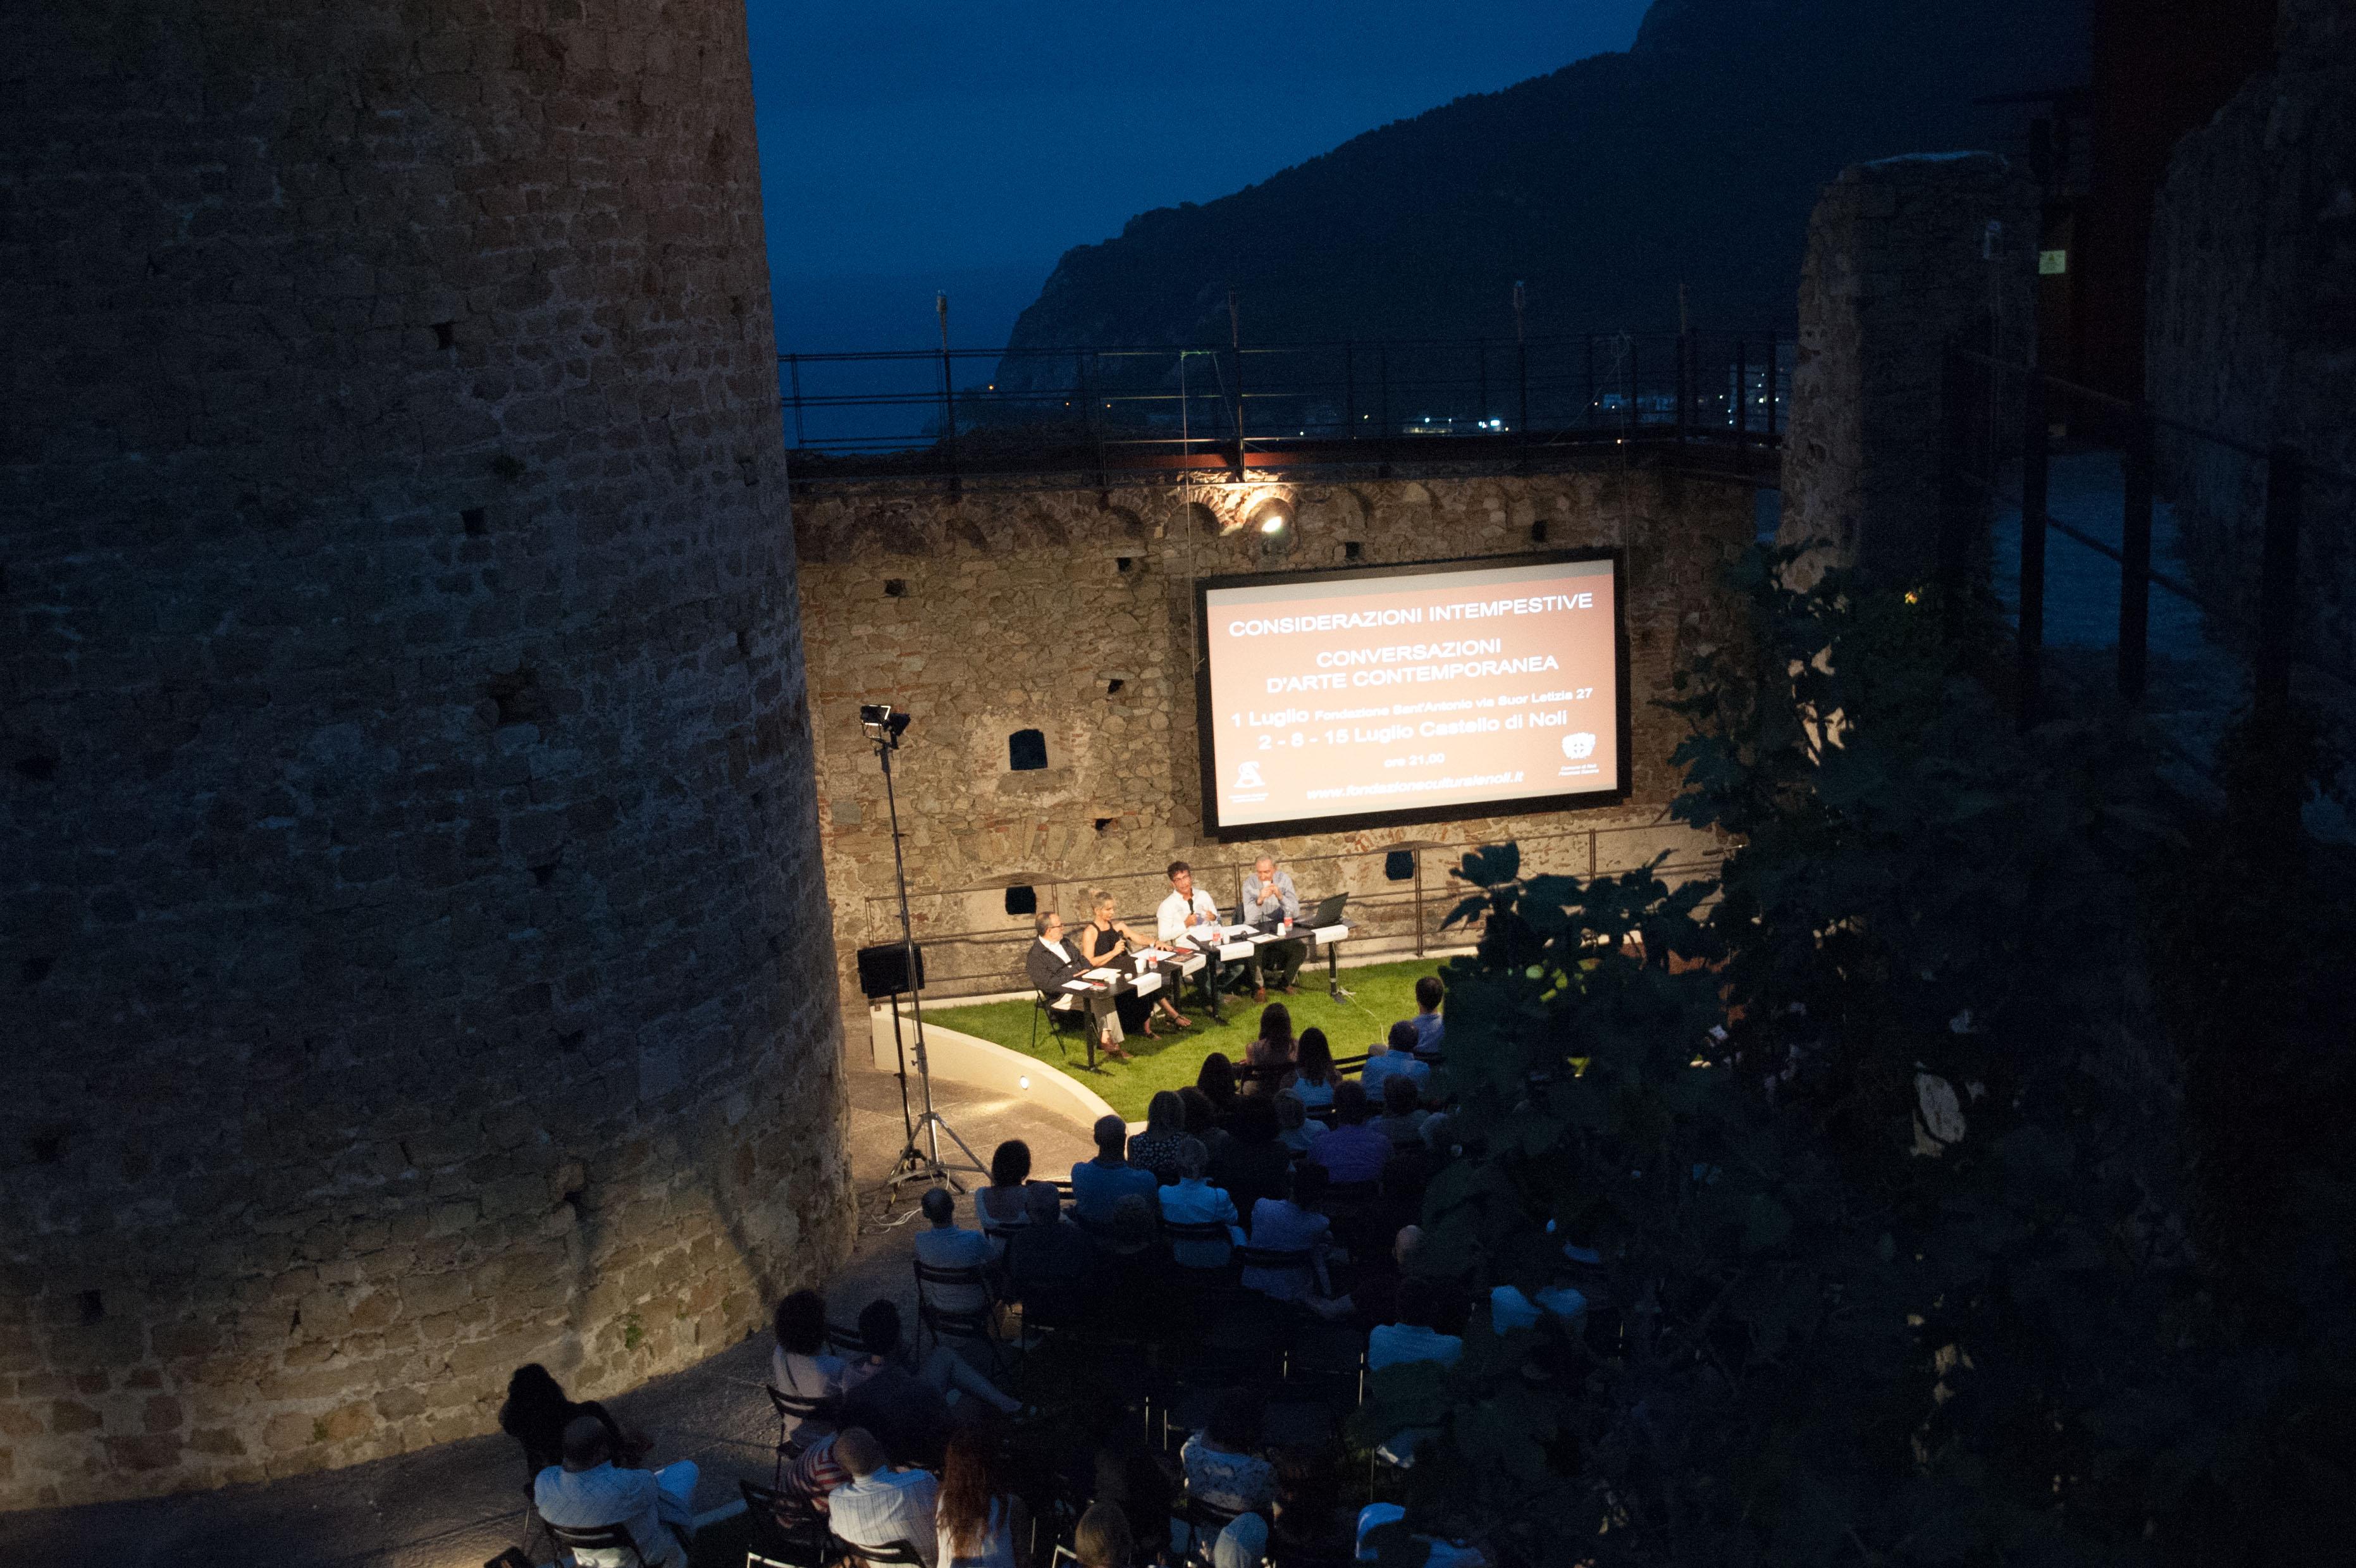 Considerazioni Intempestive 2016, Castello di Noli (SV)